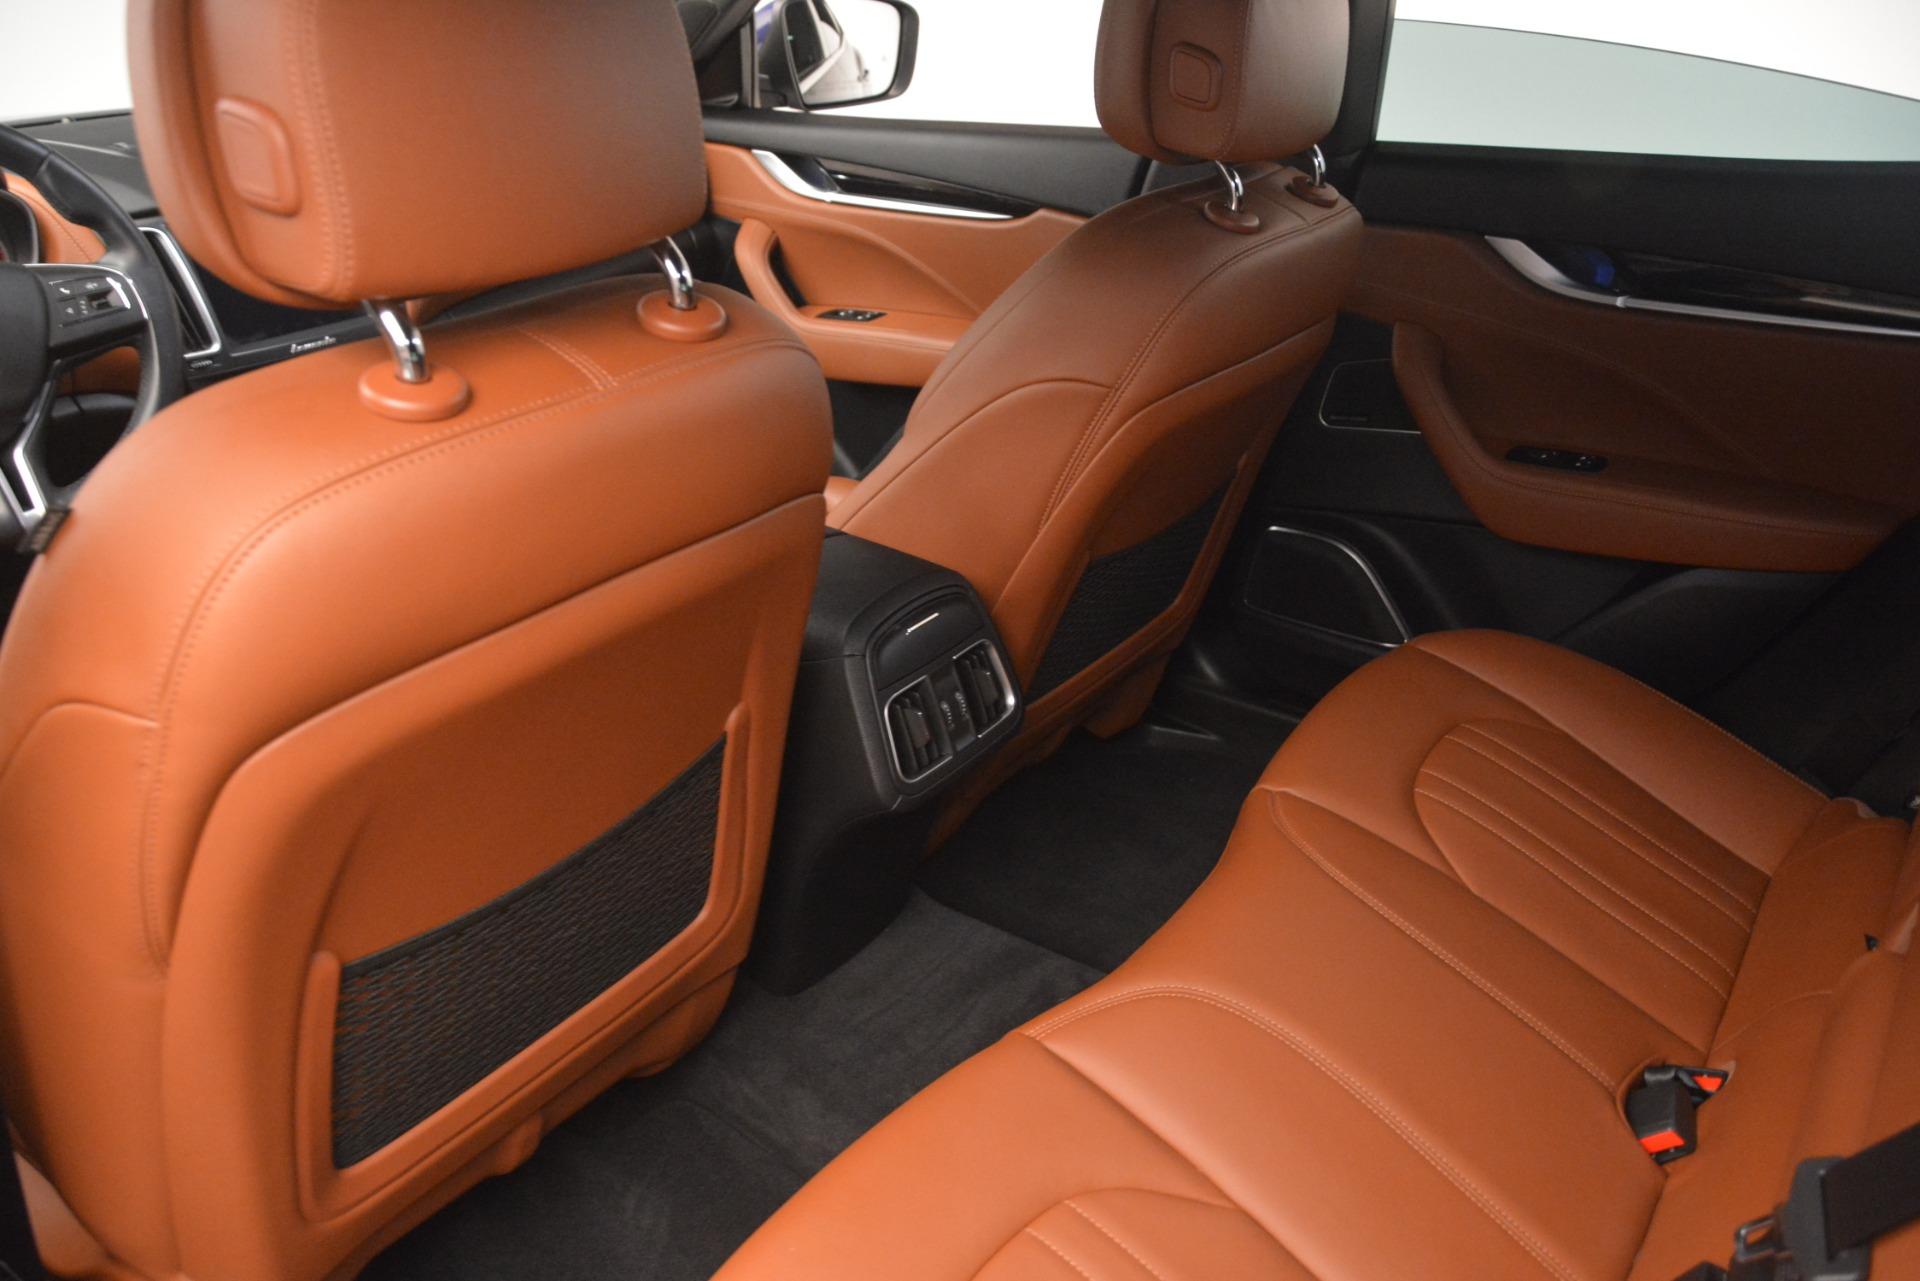 Used 2018 Maserati Levante Q4 For Sale In Greenwich, CT 2575_p18